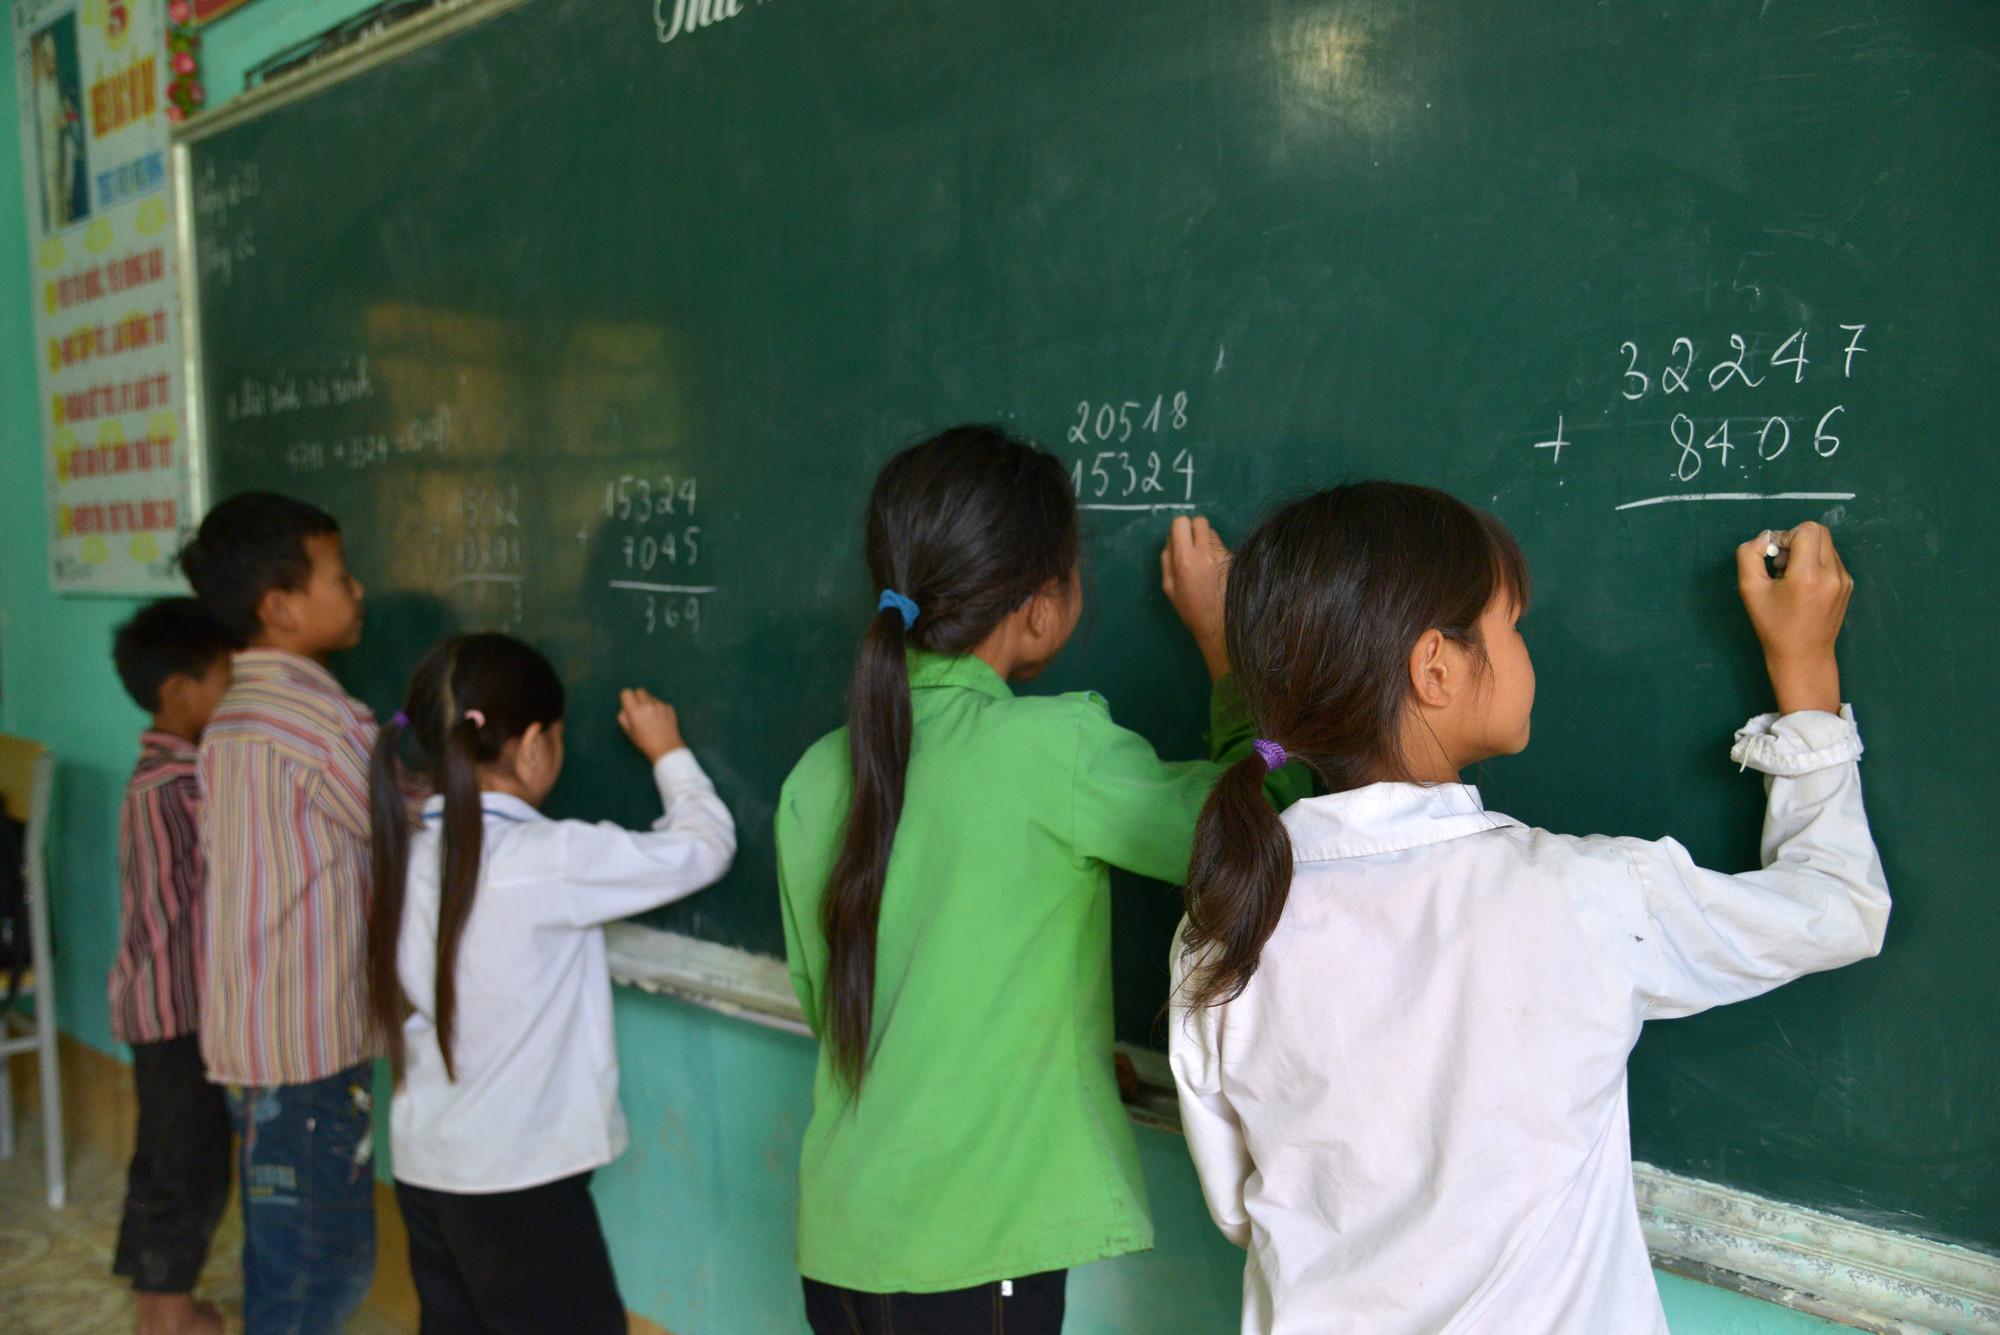 Girls stay in school for longer in Vietnam